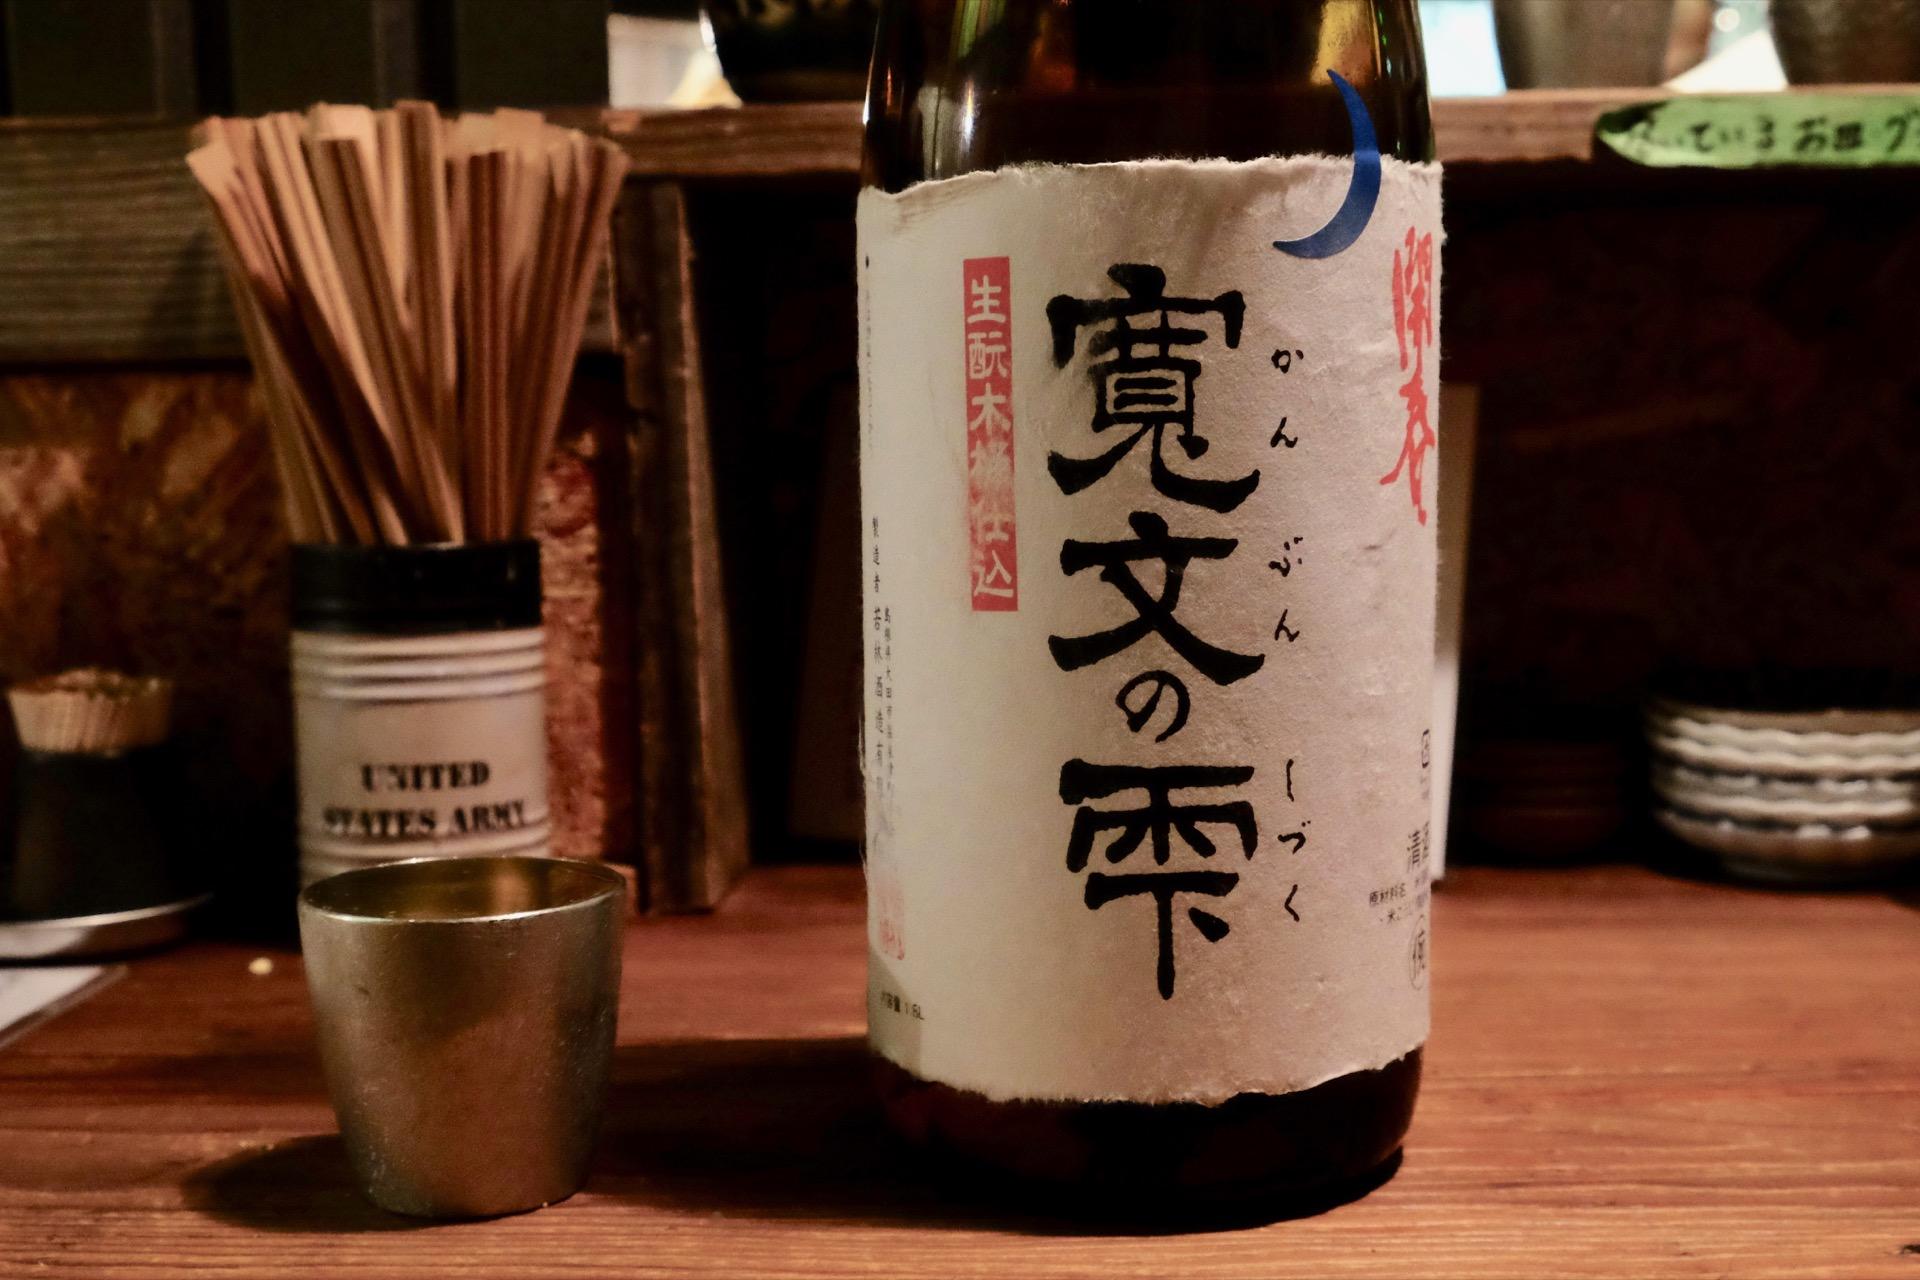 開春 寛文の雫 生原酒|日本酒テイスティングノート